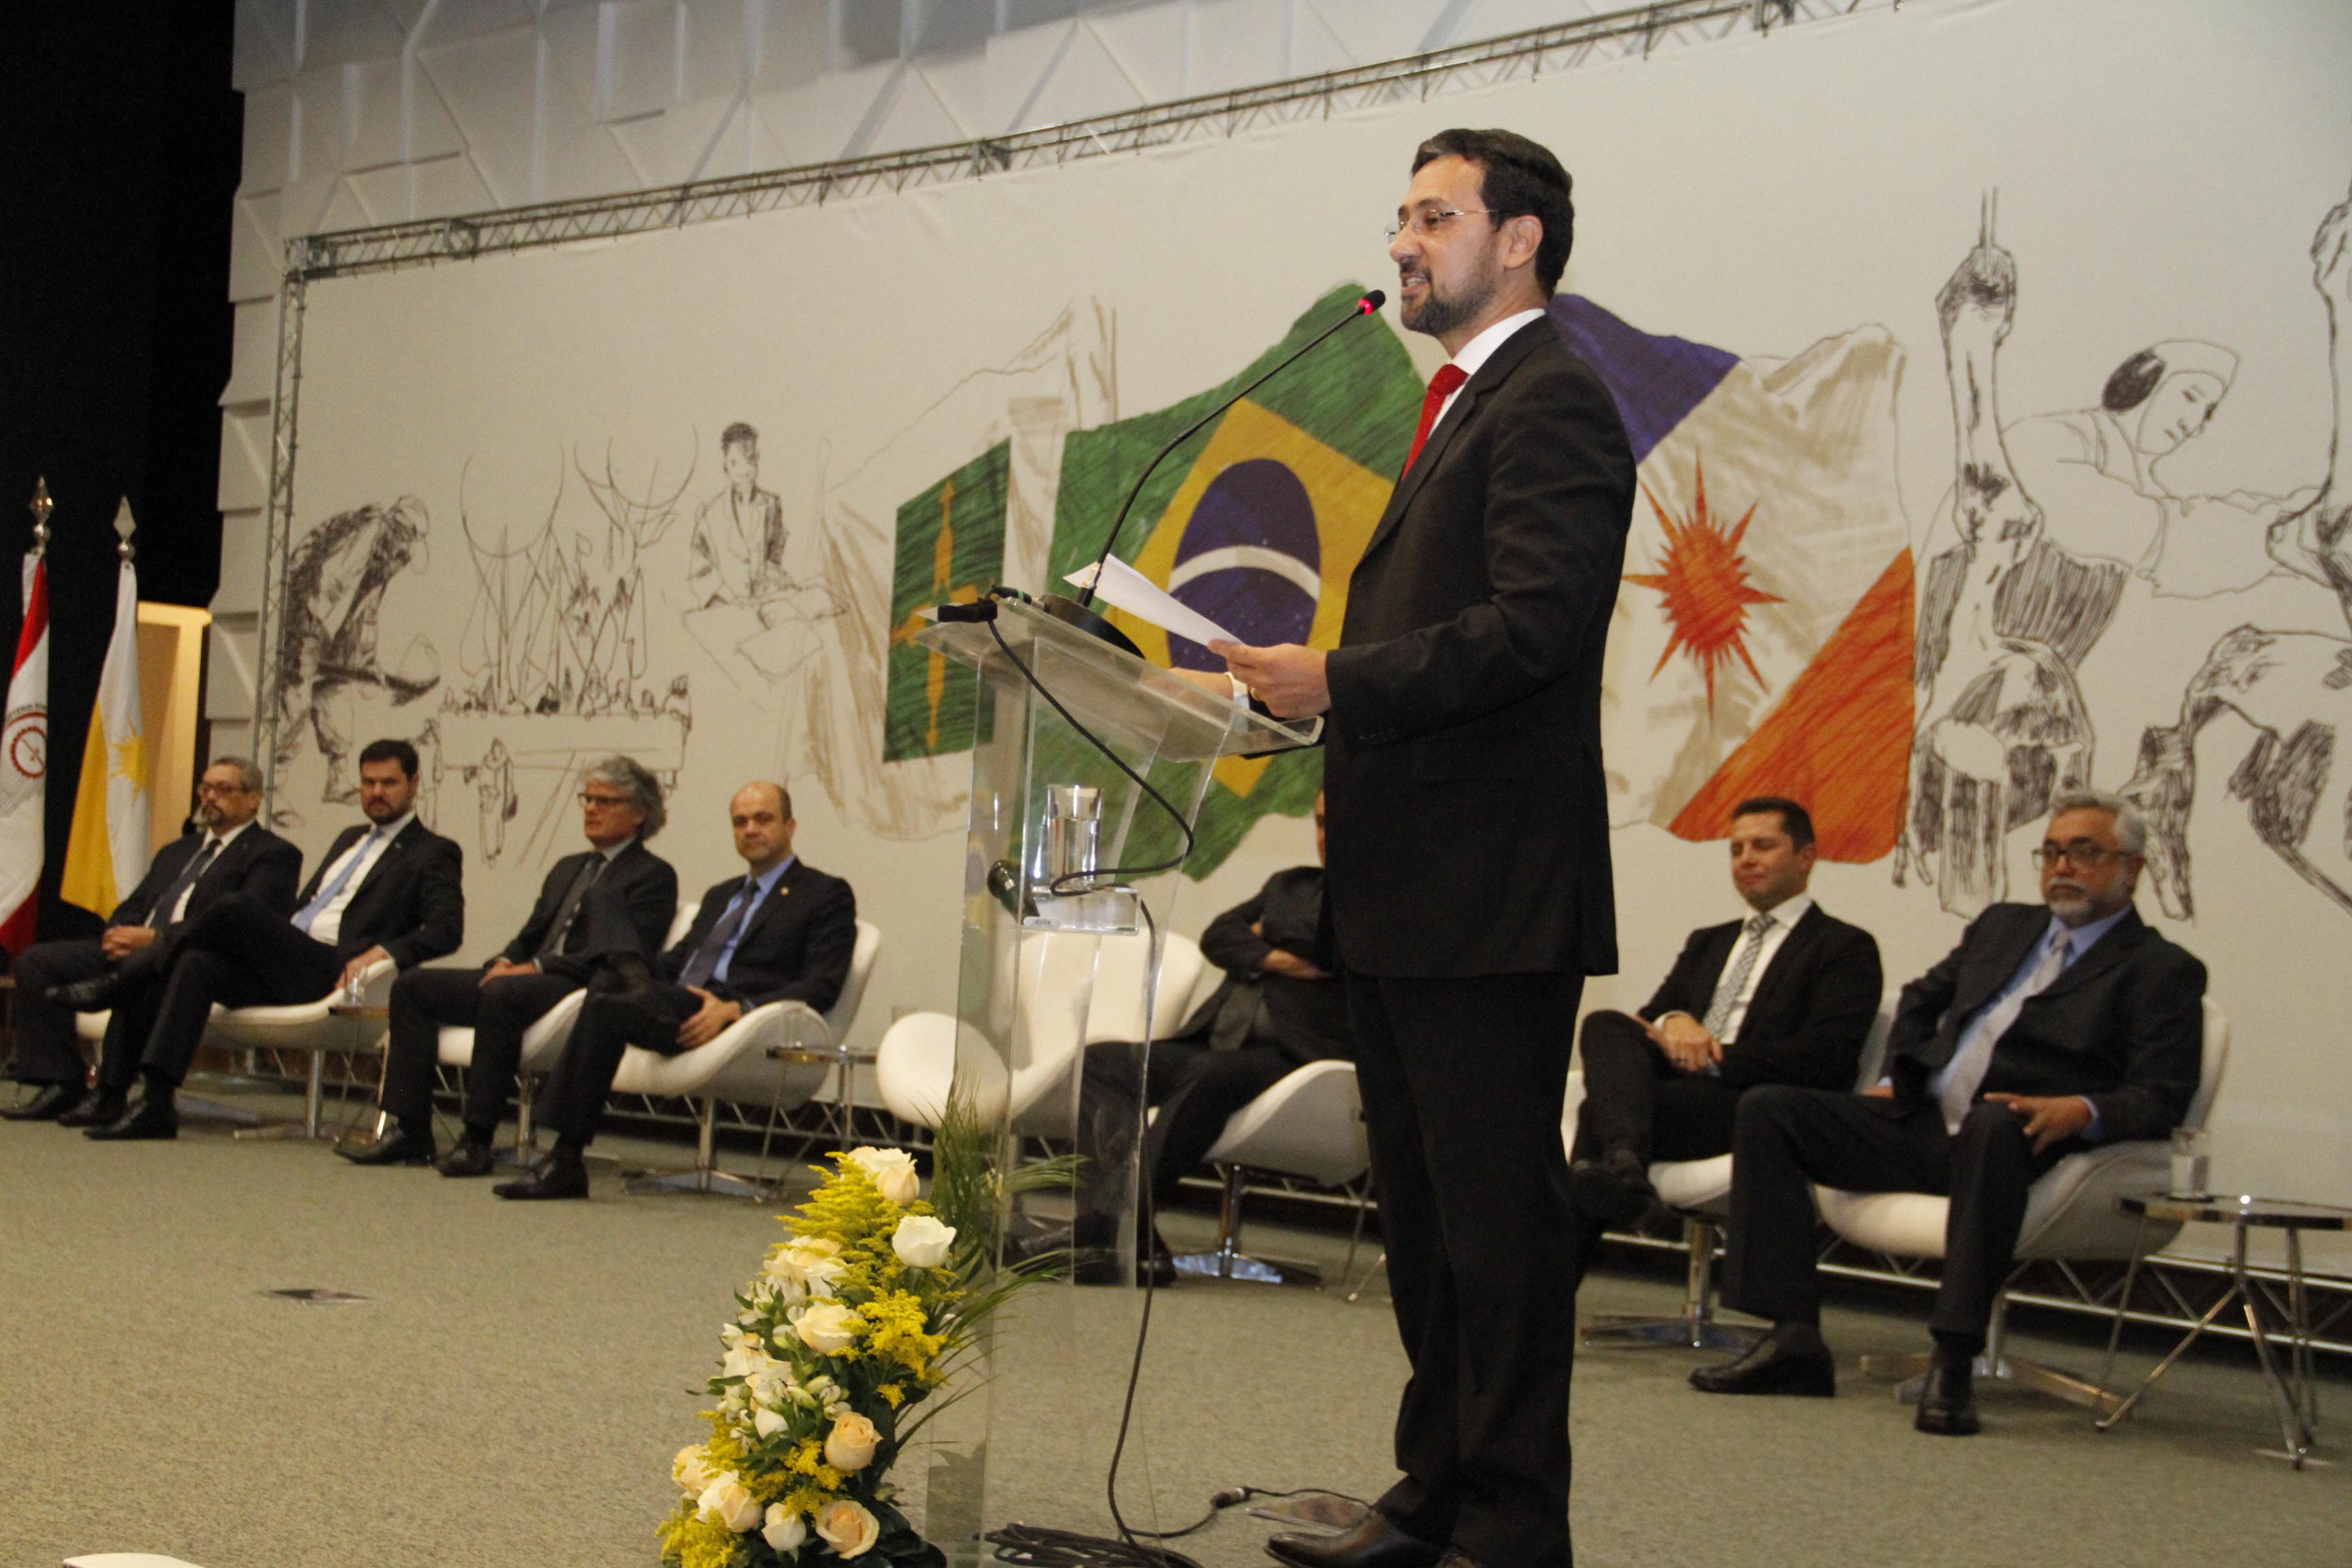 Erlan Prado toma posse do cargo de procurador-chefe do Ministério Público do DF e TO